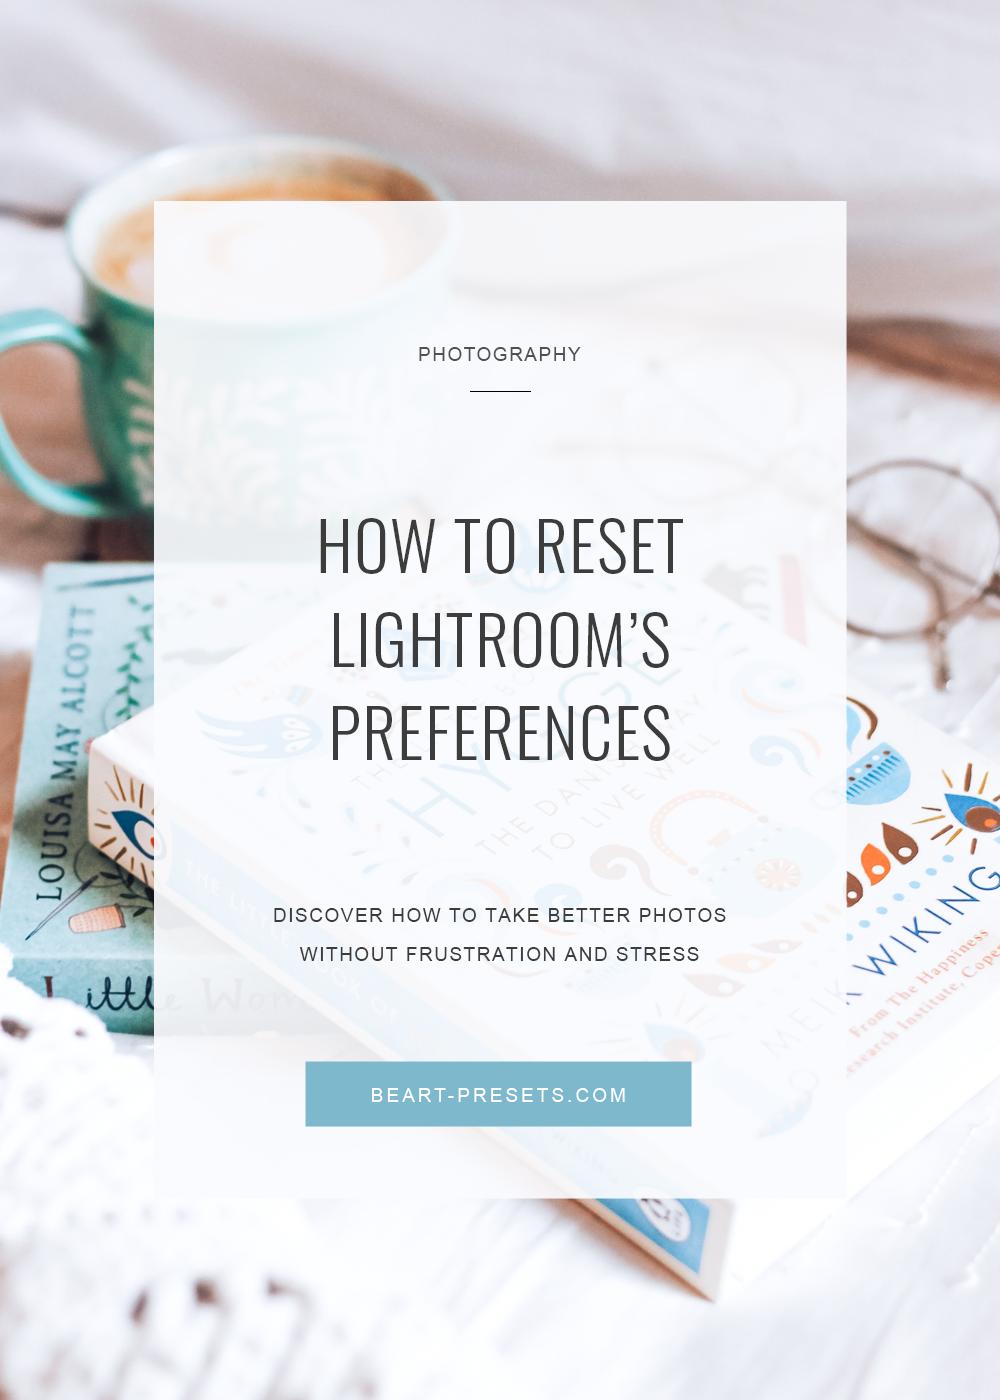 Reset lightroom preferences